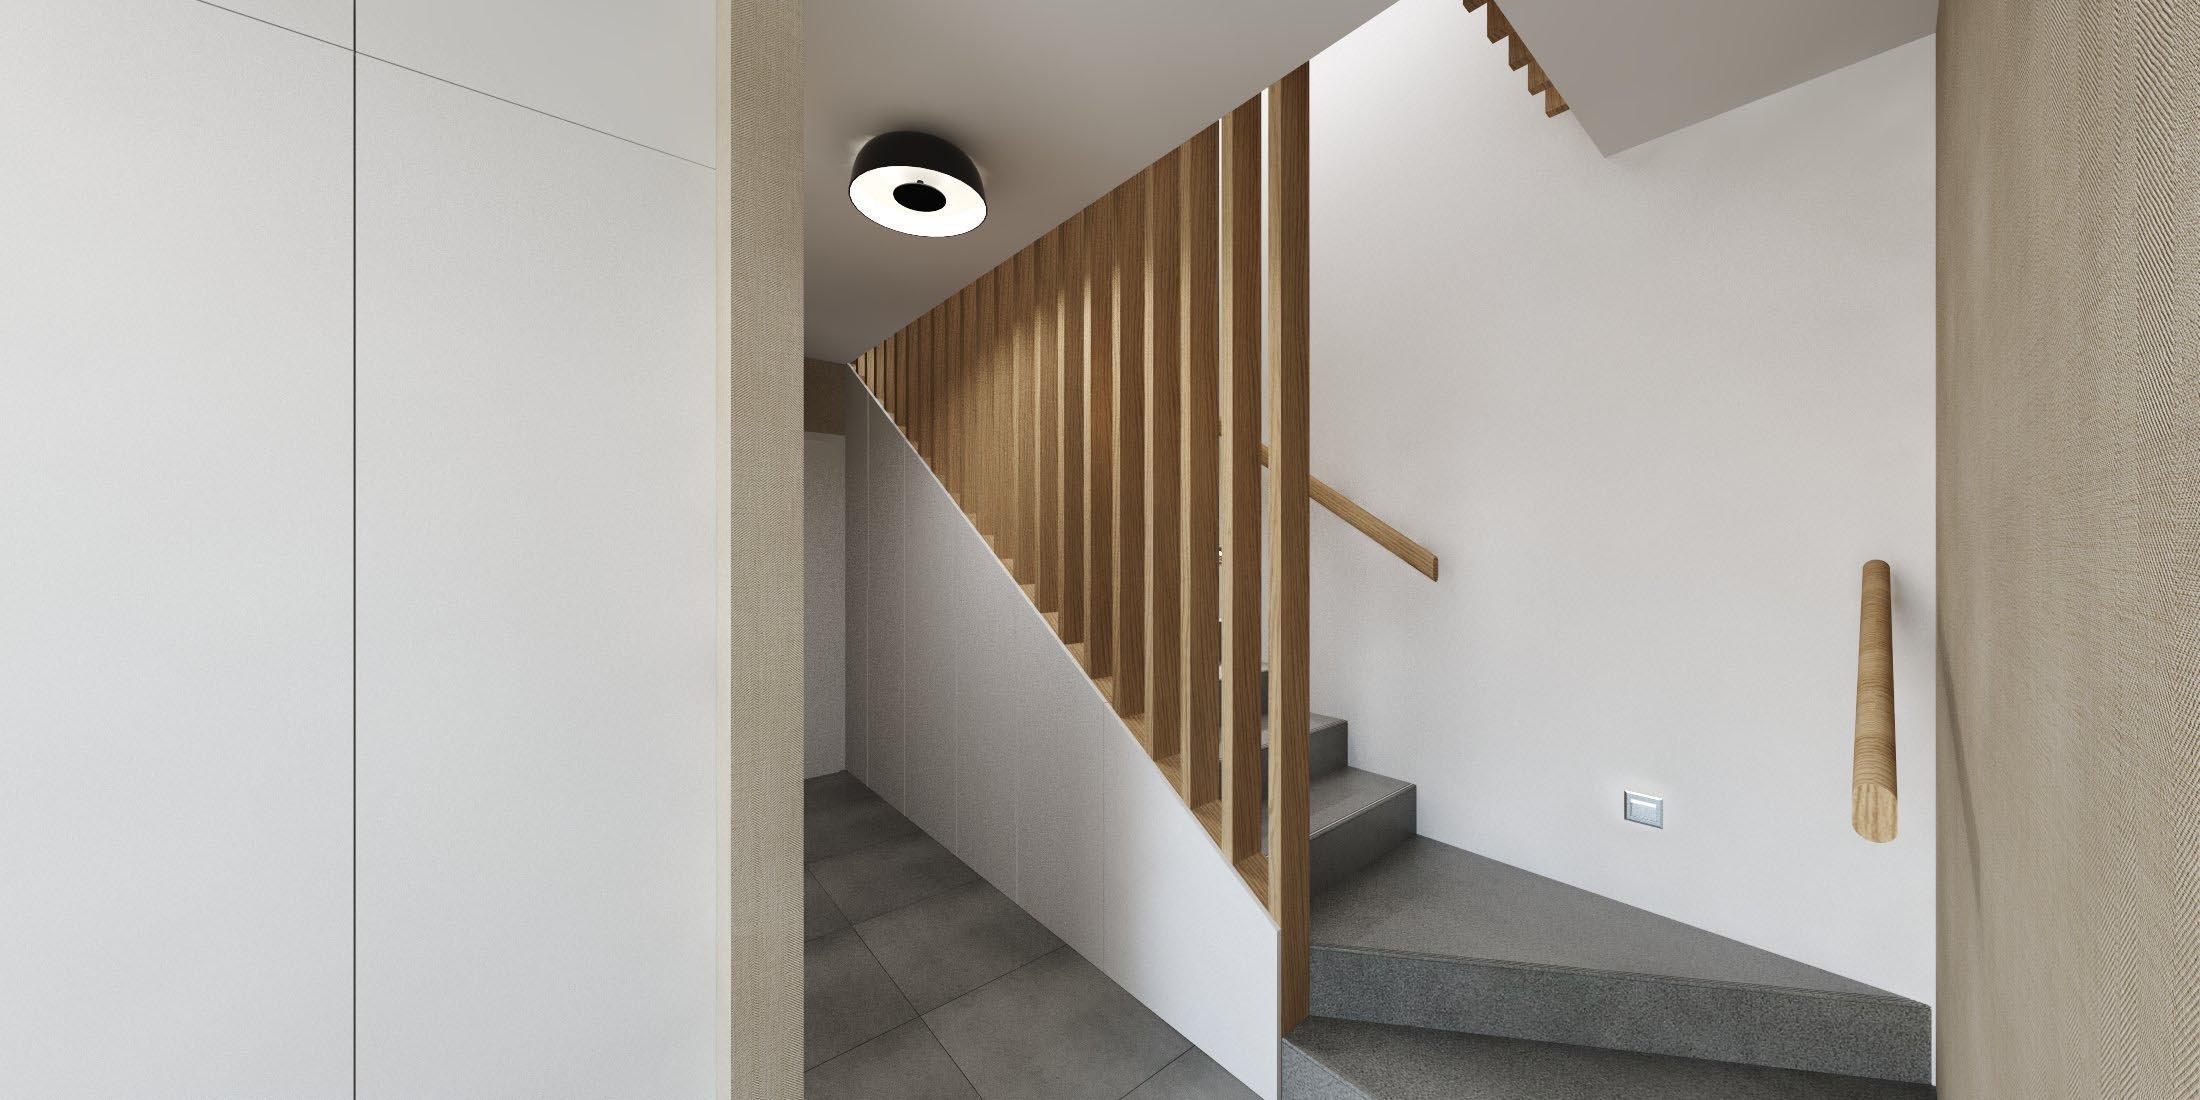 Príjemný interiér rodinného domu, ktorý je navrhnutý v obľúbených naturálnych farbách s dôrazom na nadčasovosť.